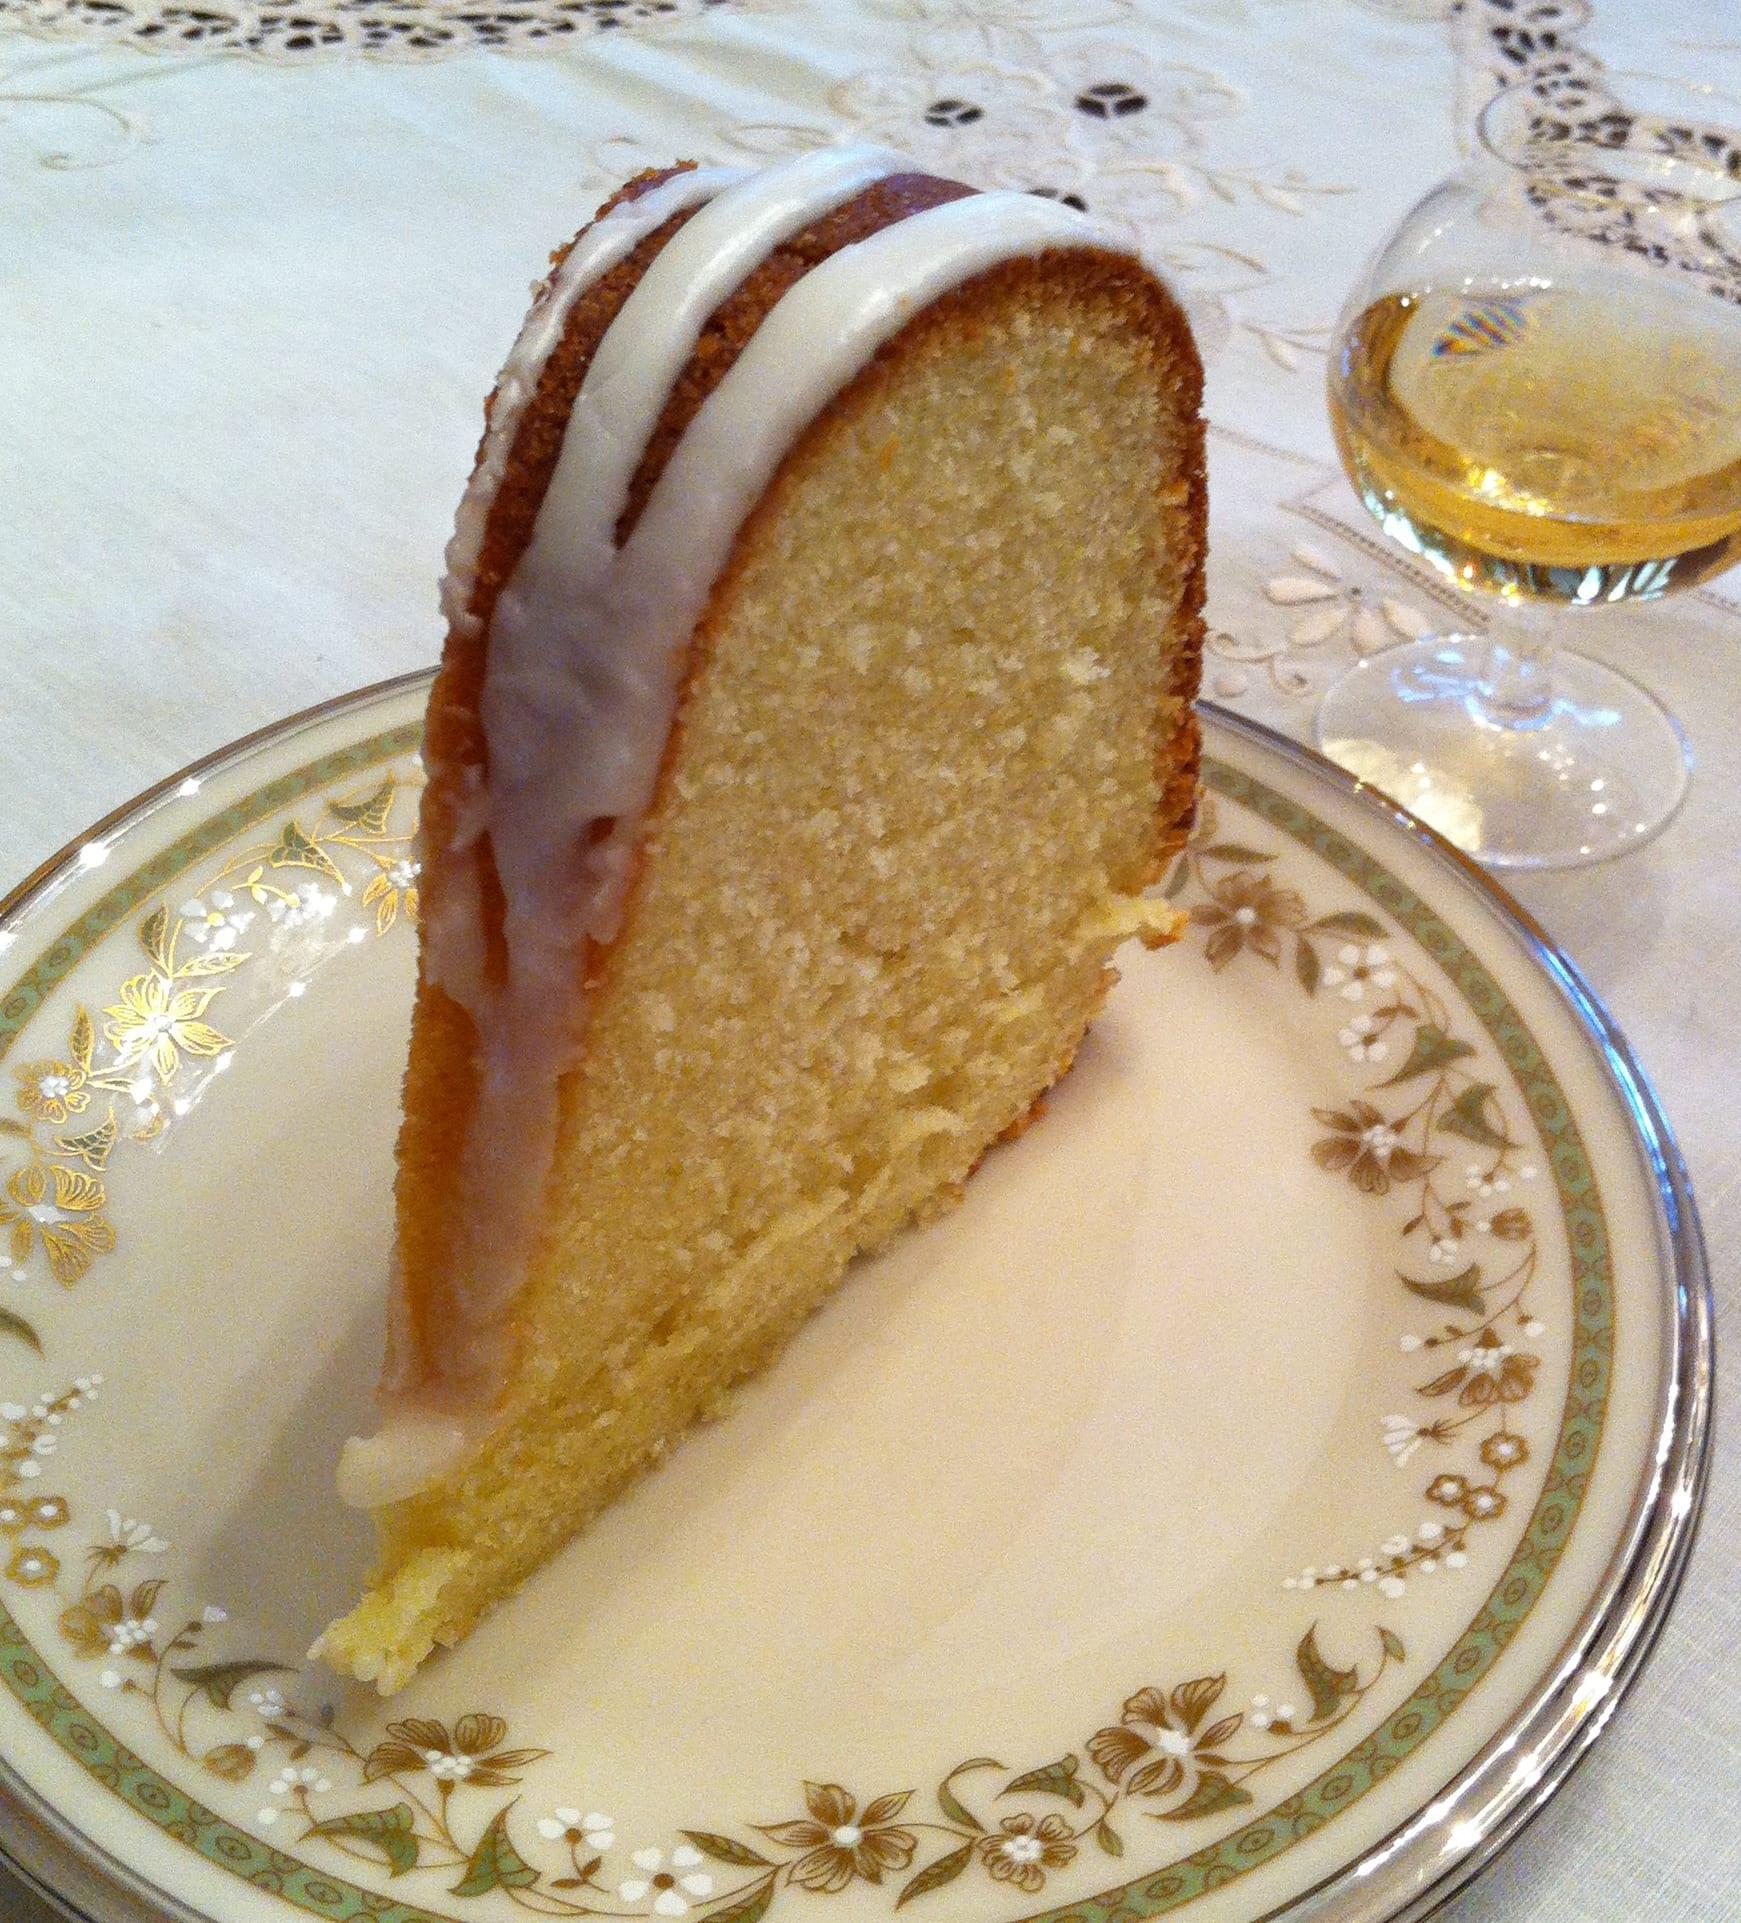 Slice of pound cake with brandy snifer